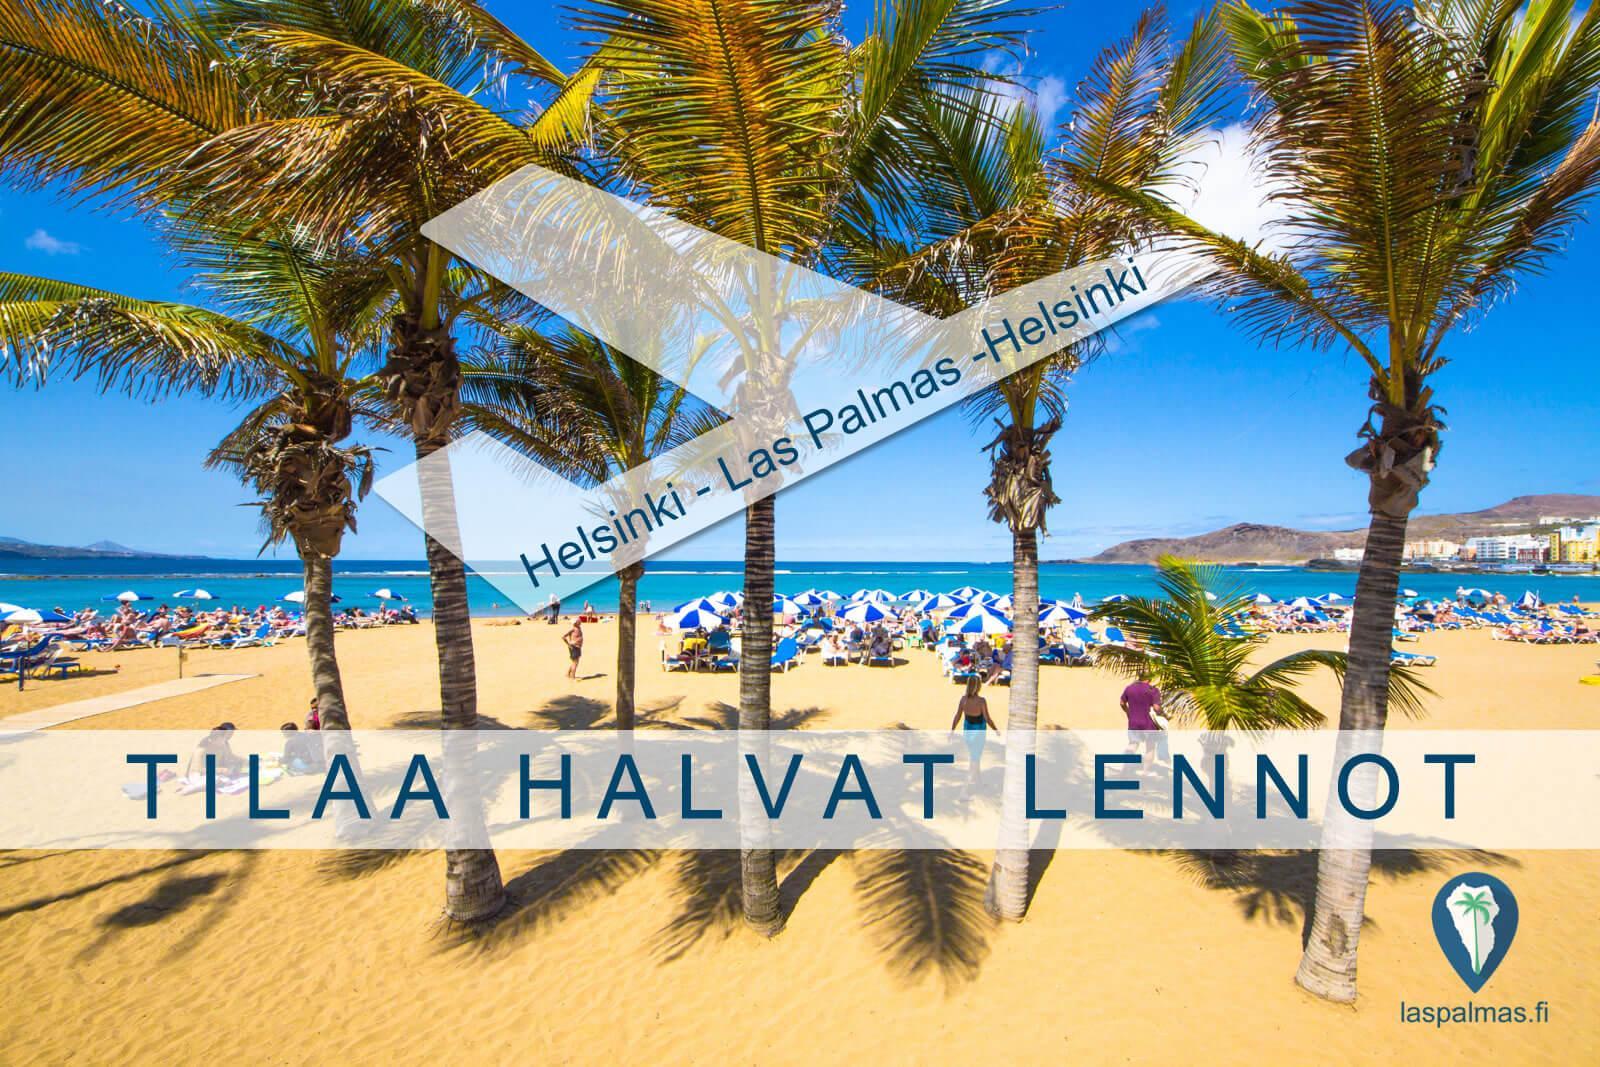 TILAA HALVAT LENNOT Las Palmas